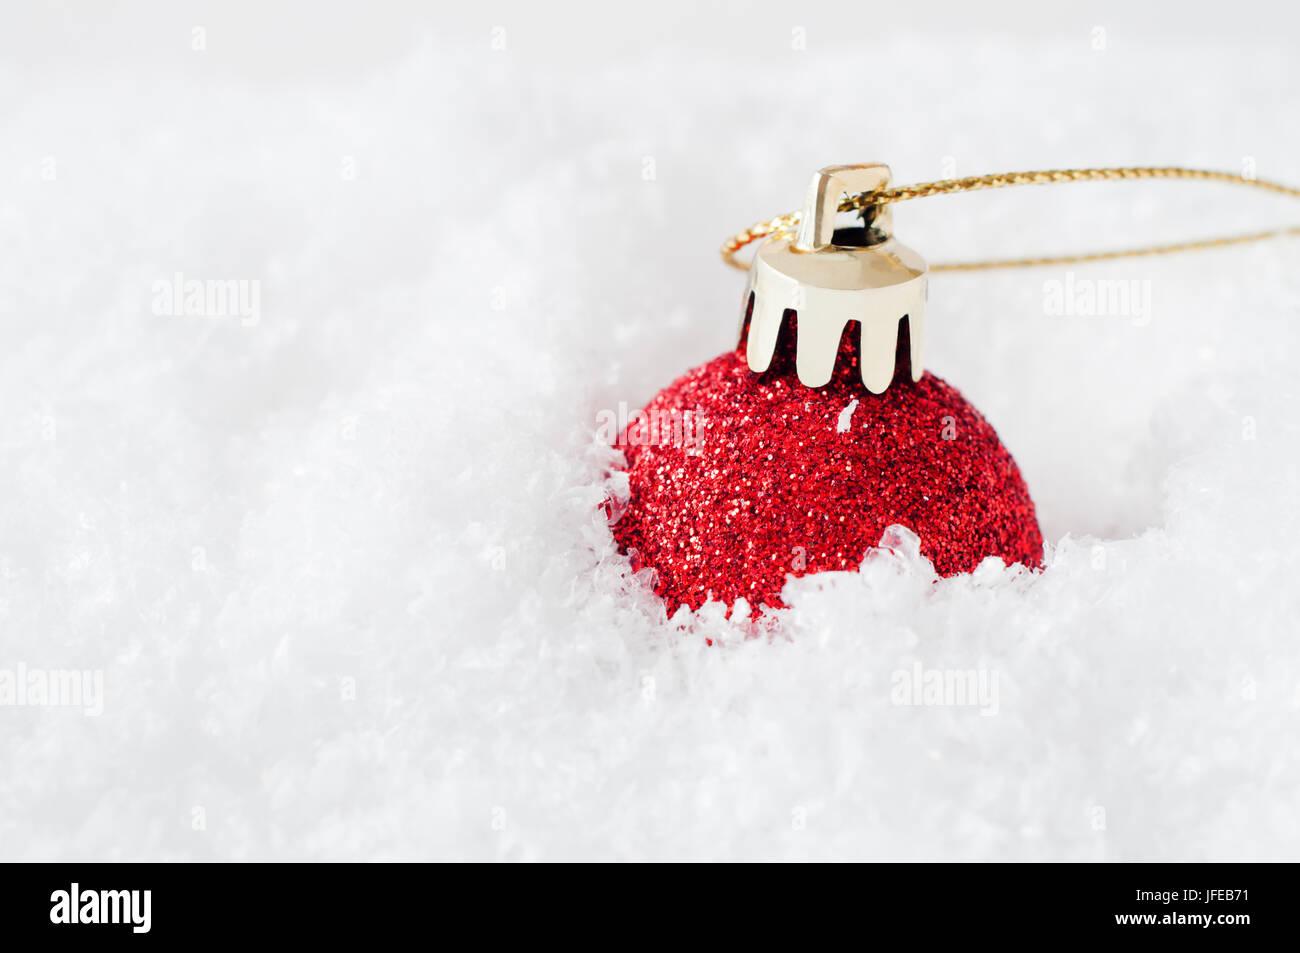 Un vivace colore rosso glitter natale Pallina, con fibbia in oro e dorate di stringa, affondato in finto bianco Immagini Stock